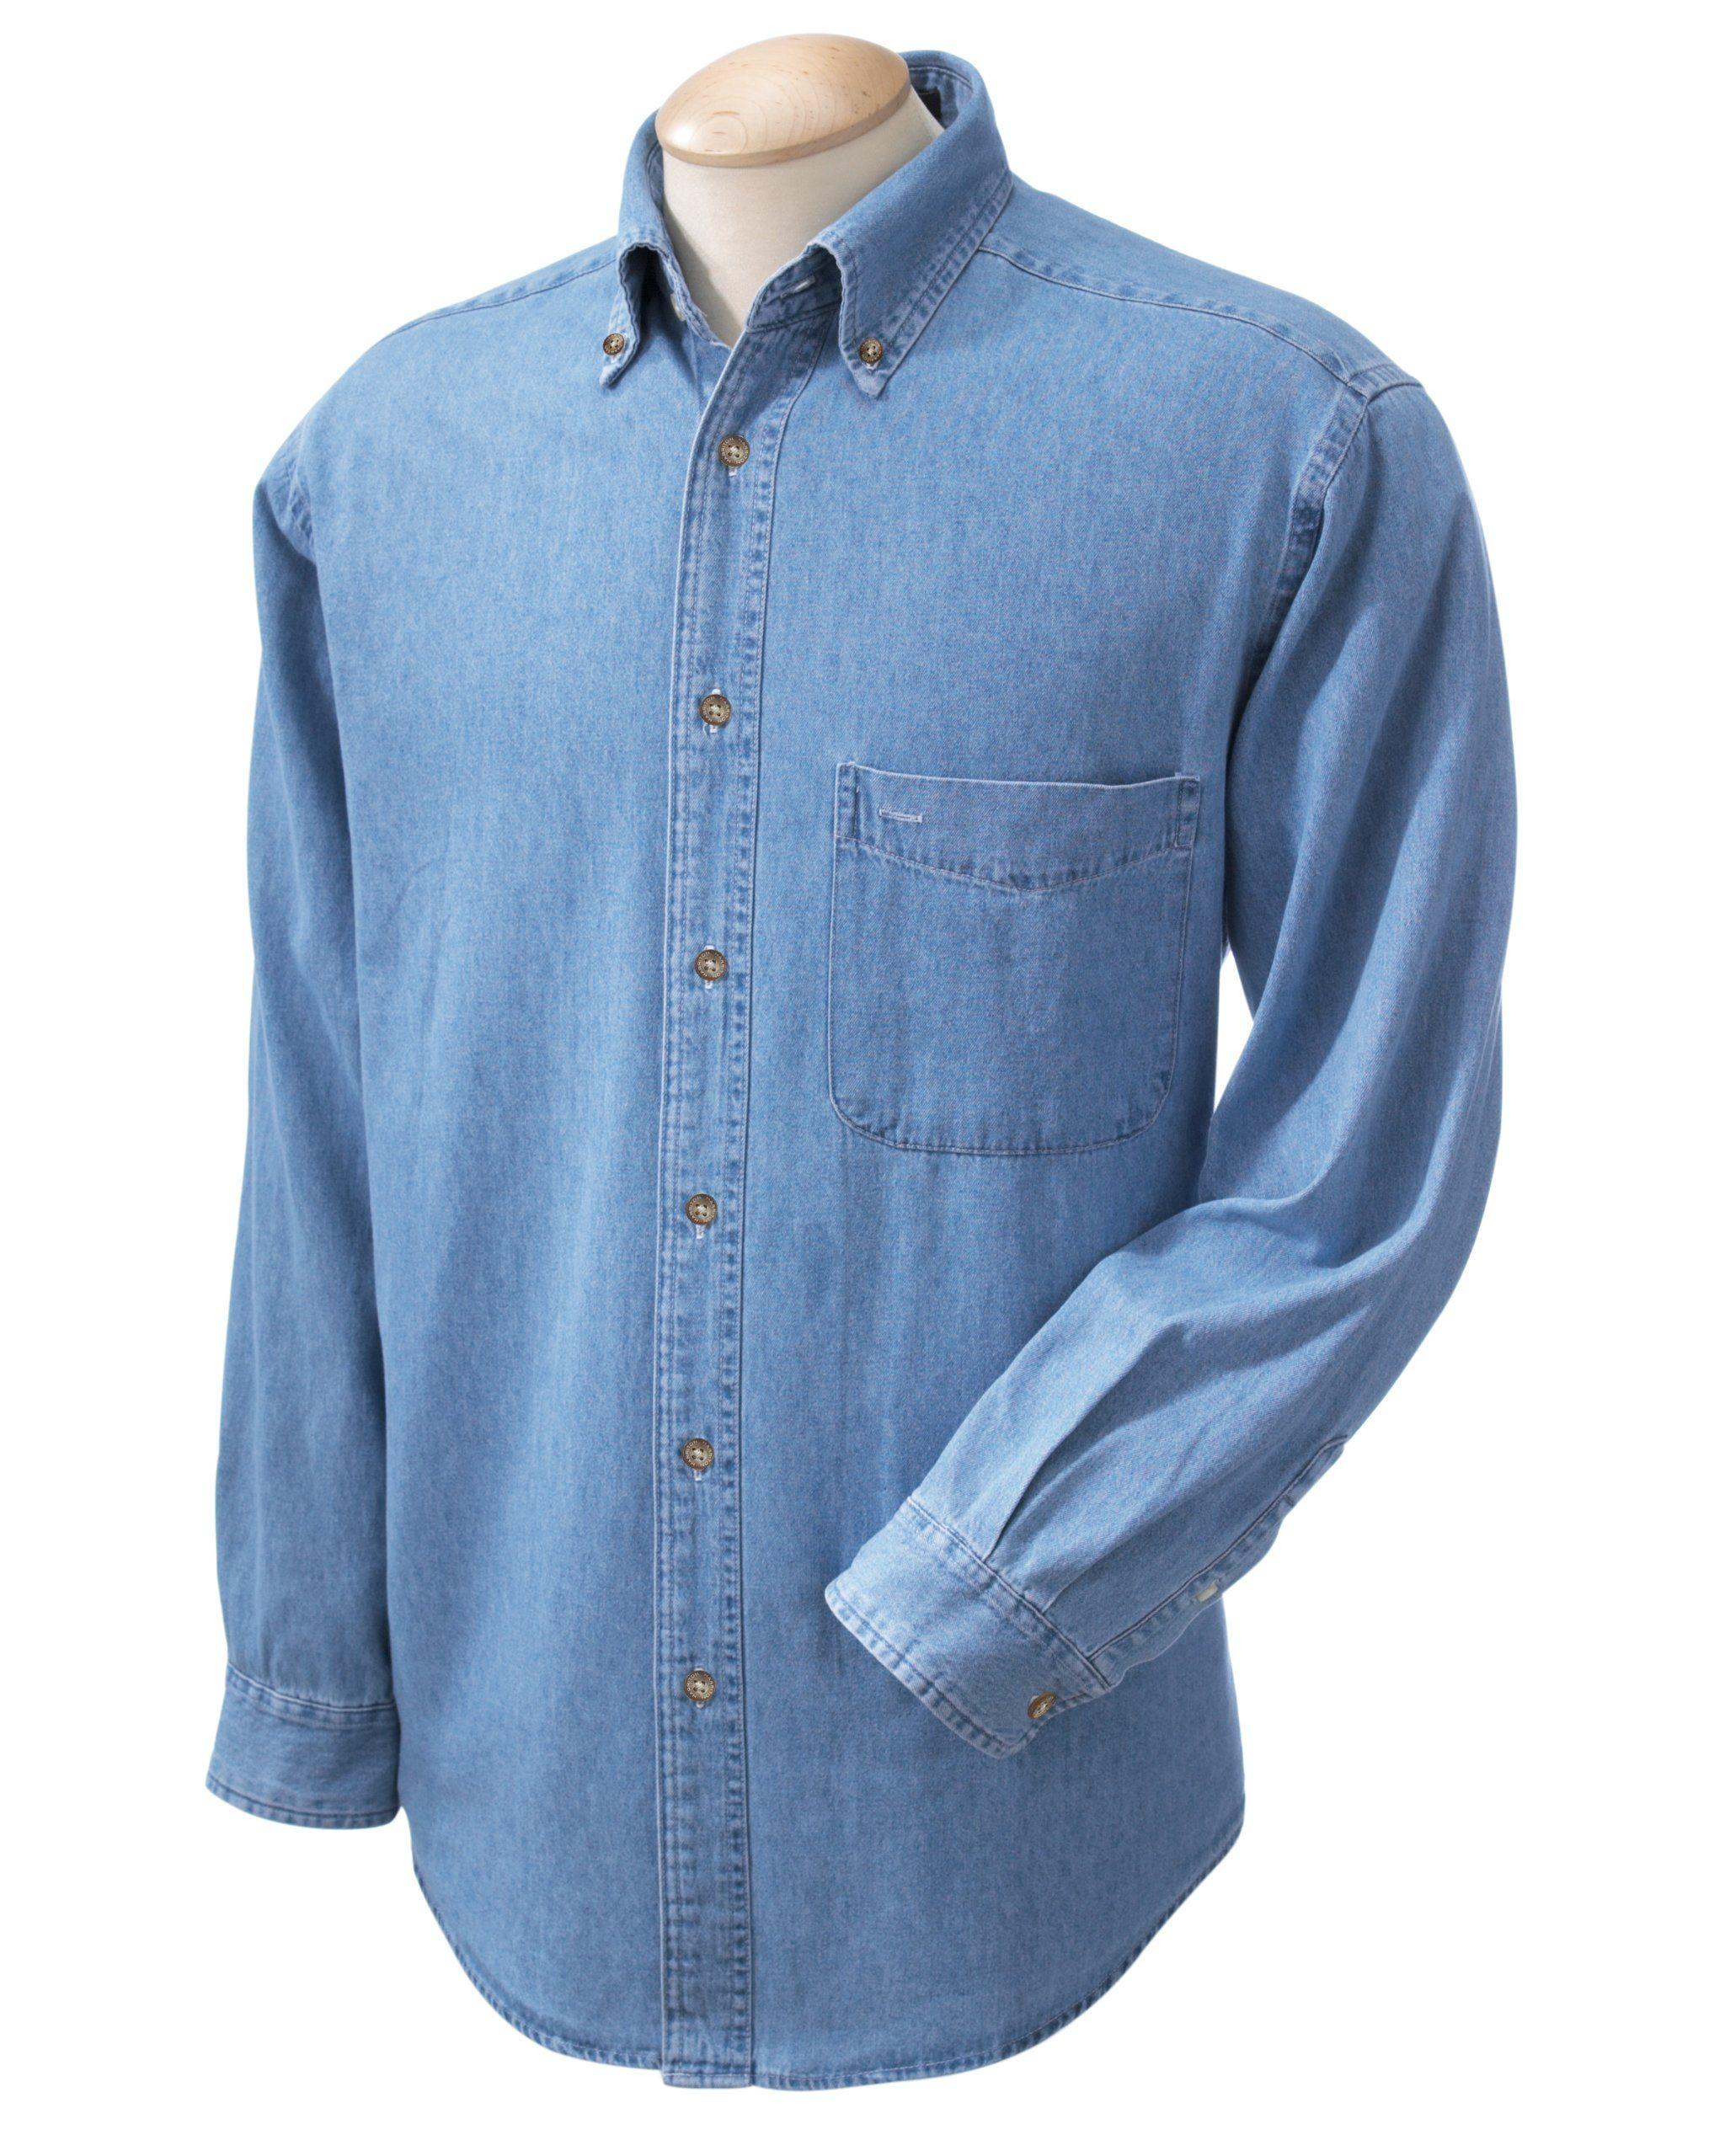 7d3e2253744 Harriton Men s 6.5 oz. Long-Sleeve Denim Shirt - LIGHT DENIM - S M550-simple